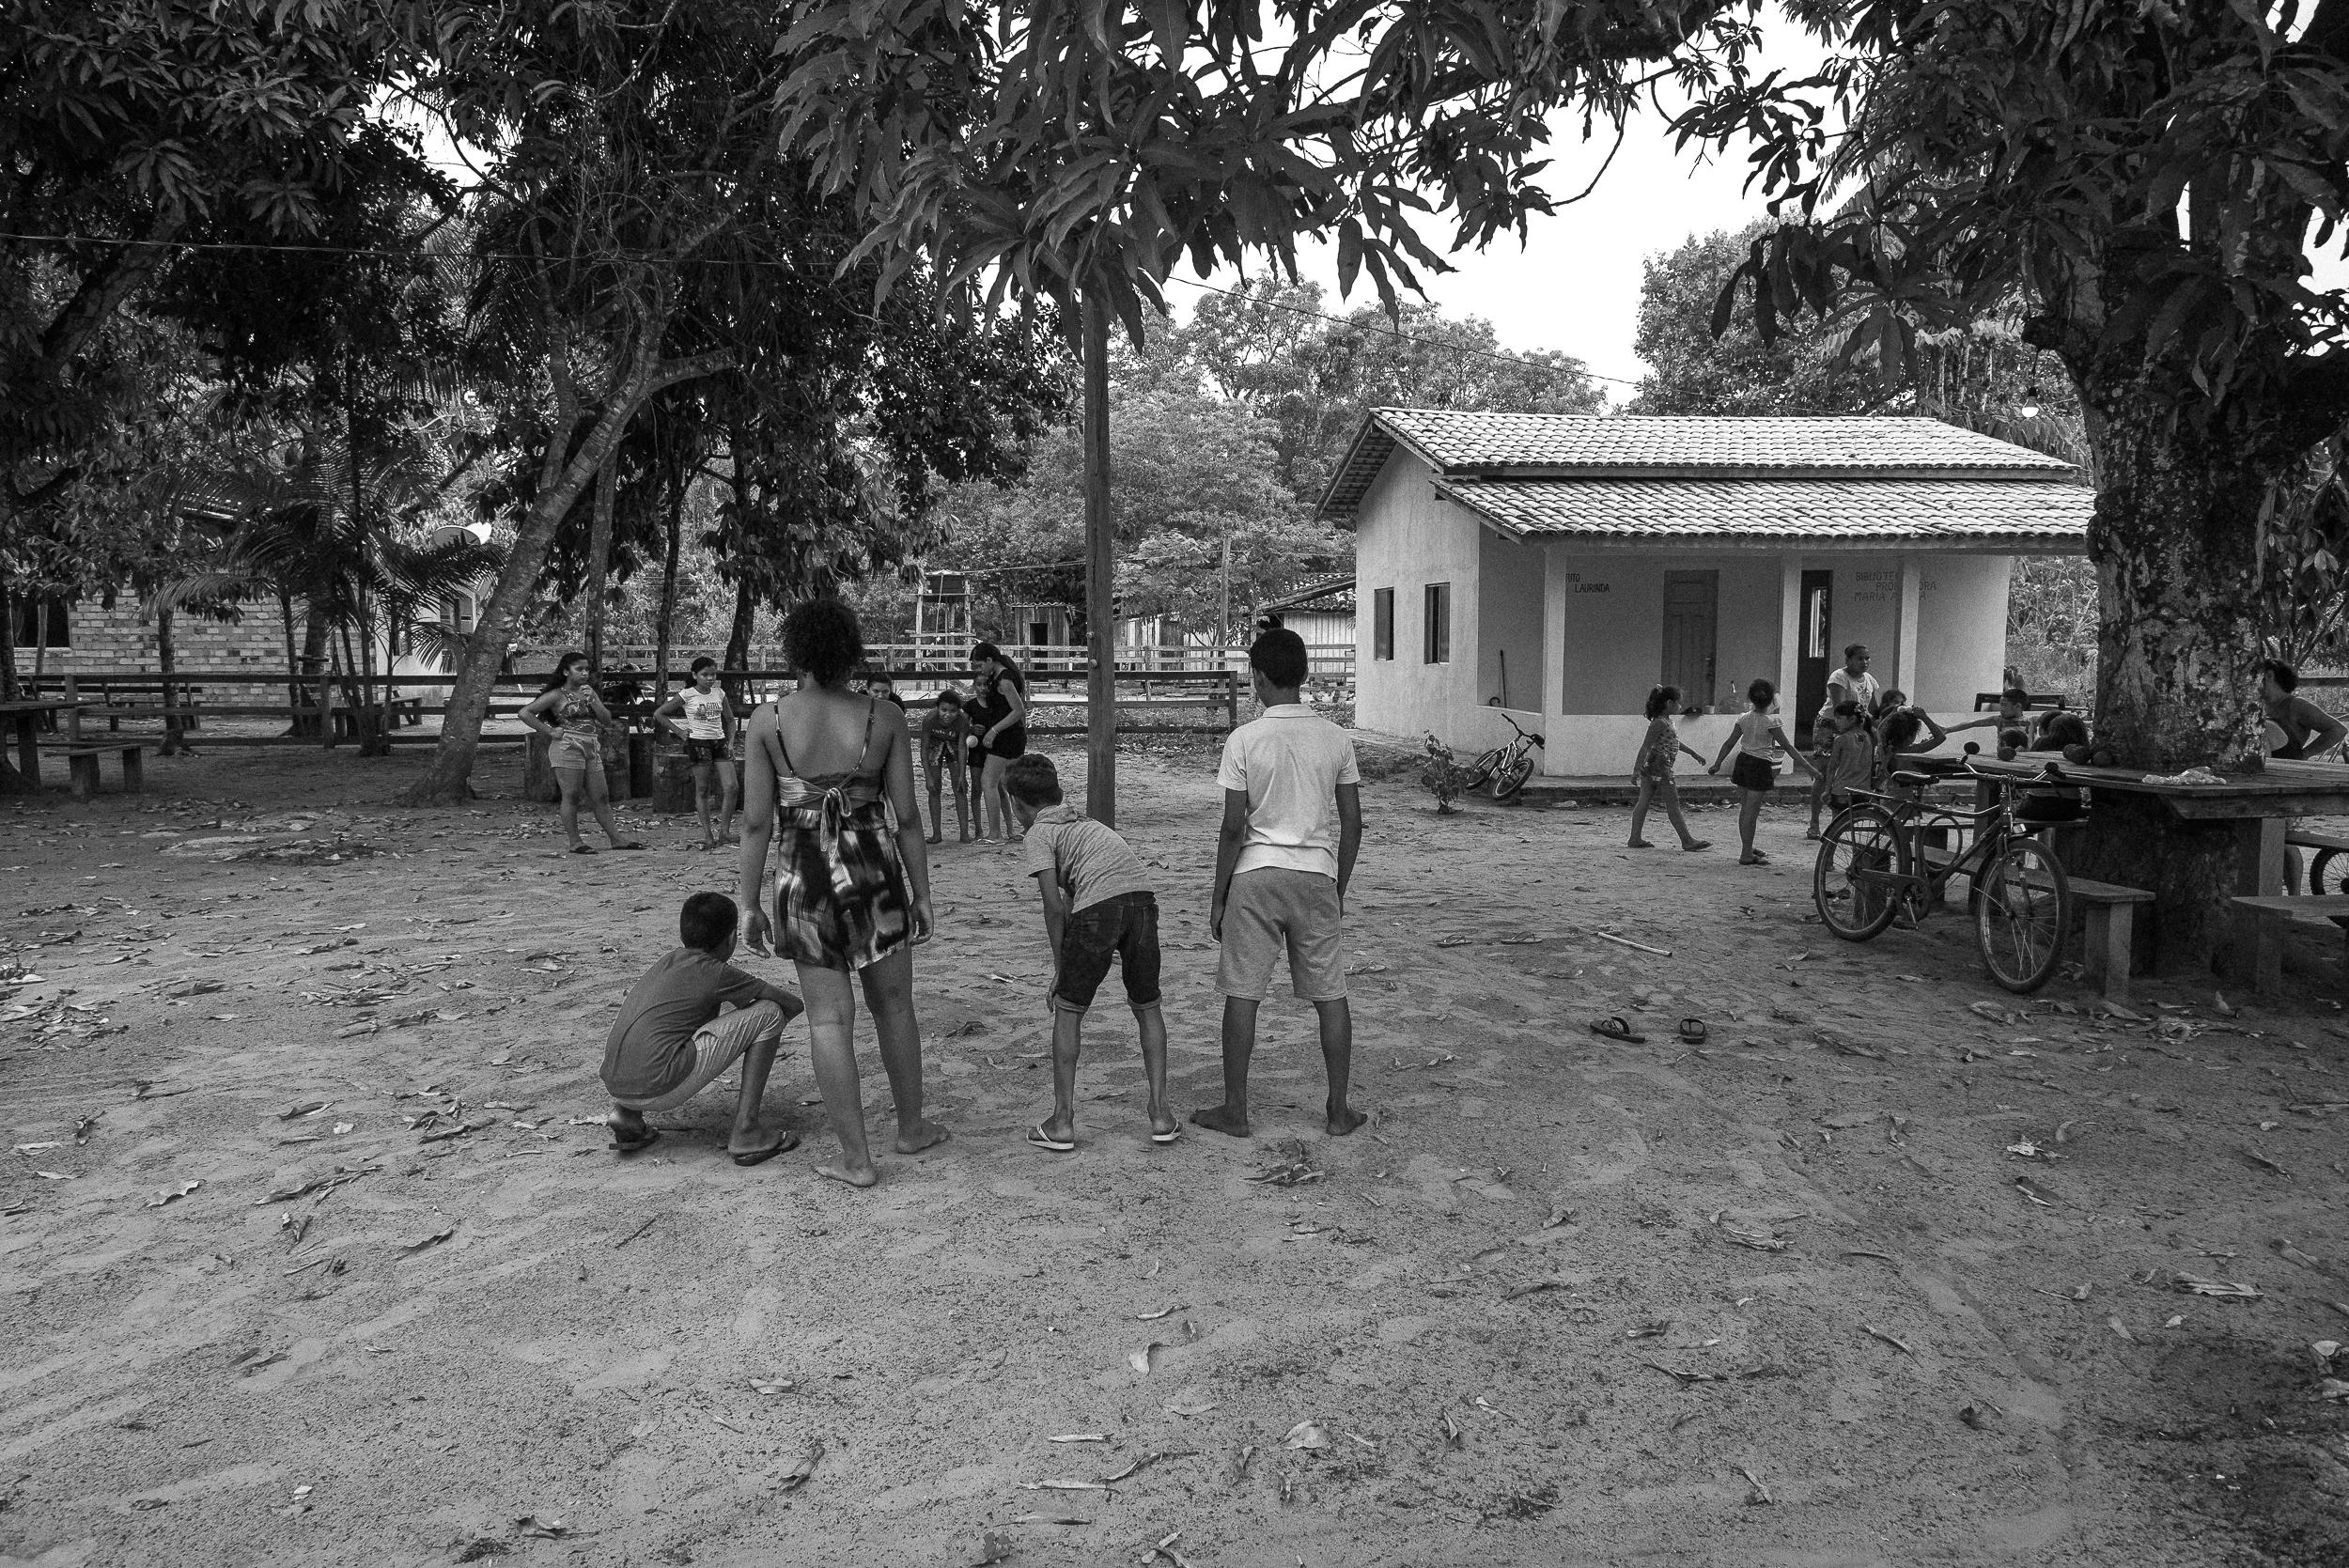 Crianças quilombola brincando